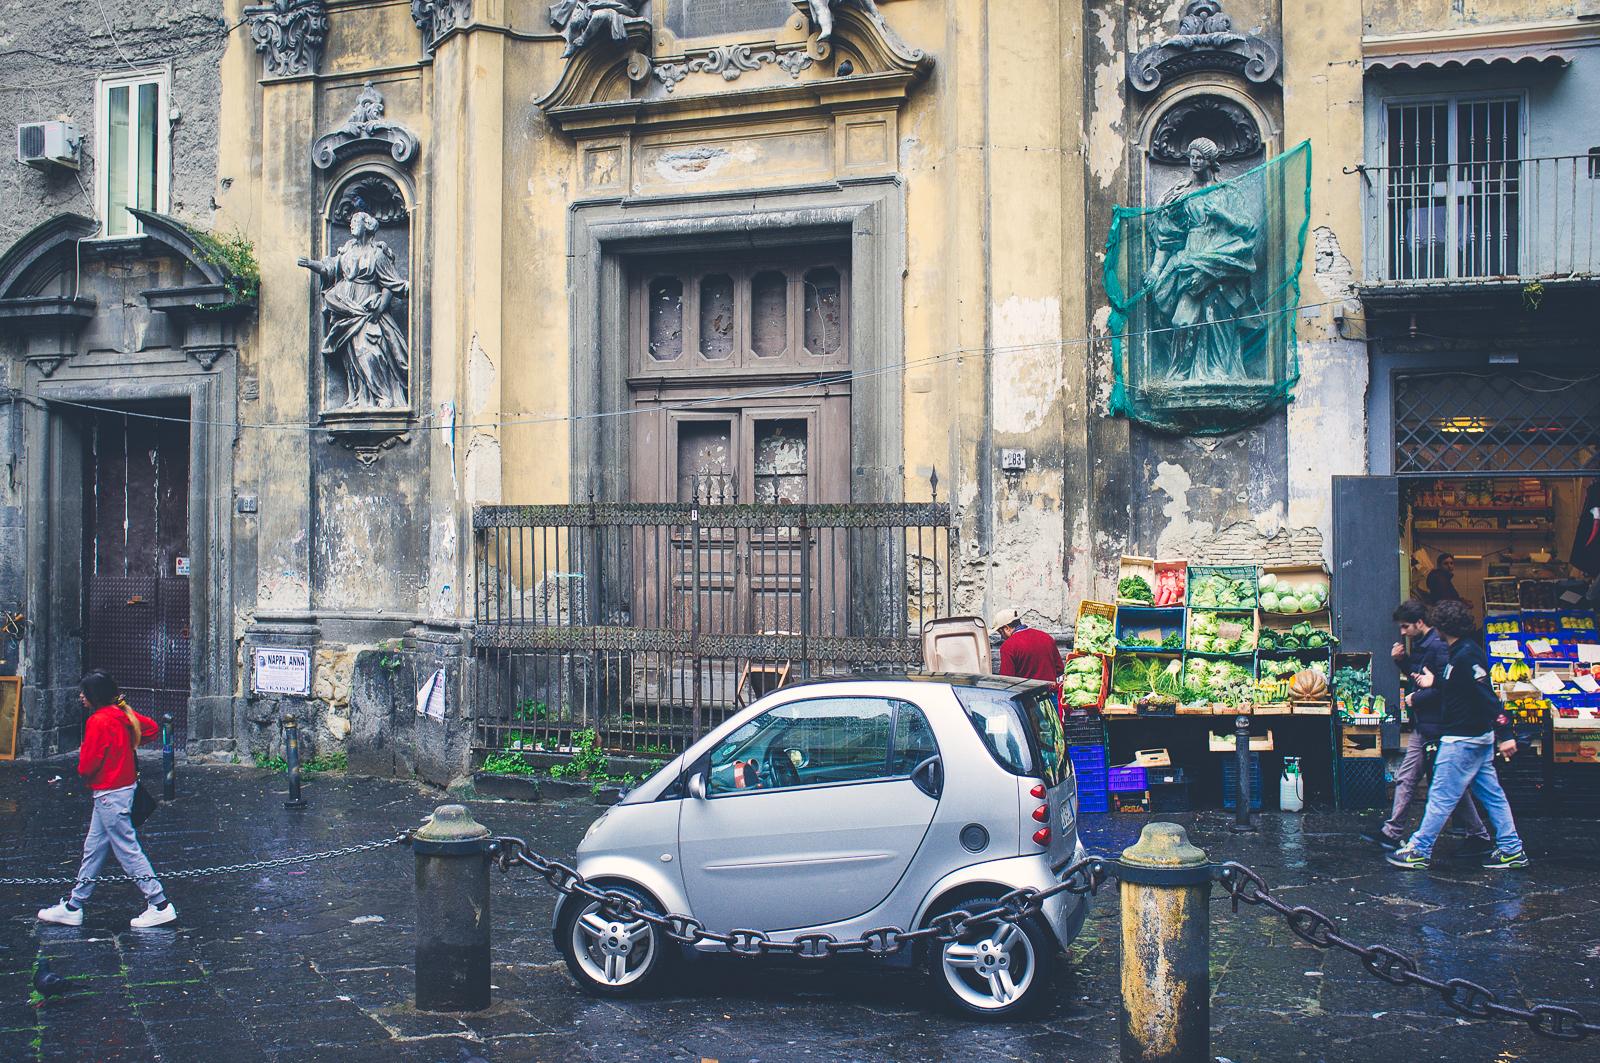 Naples - Italy